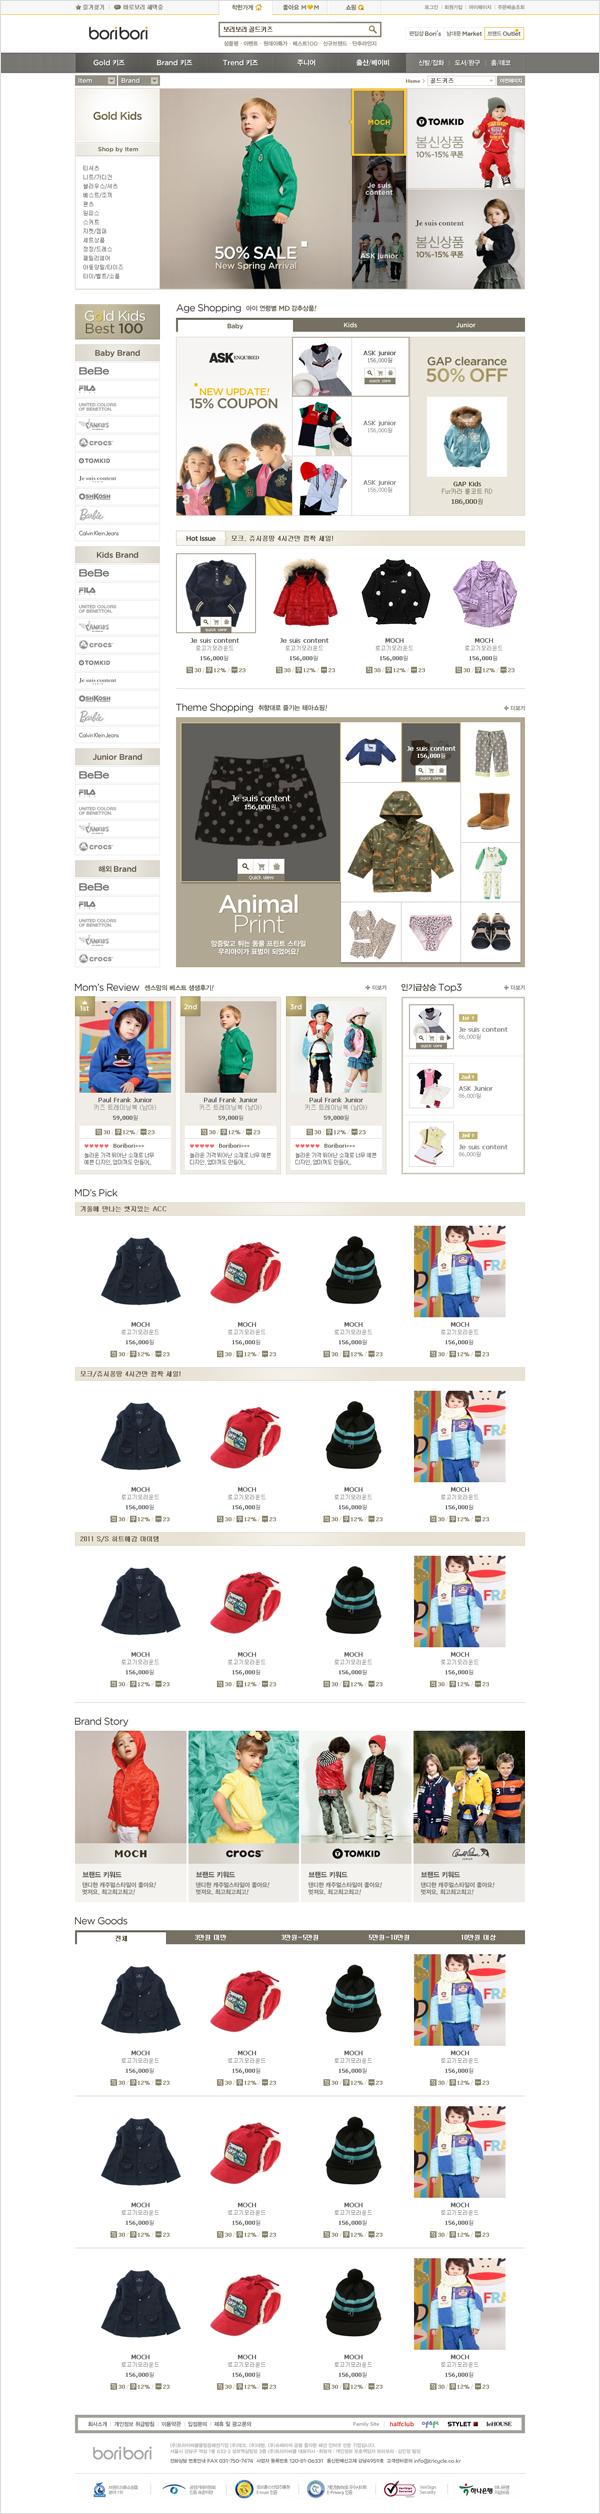 Web_13_02.jpg